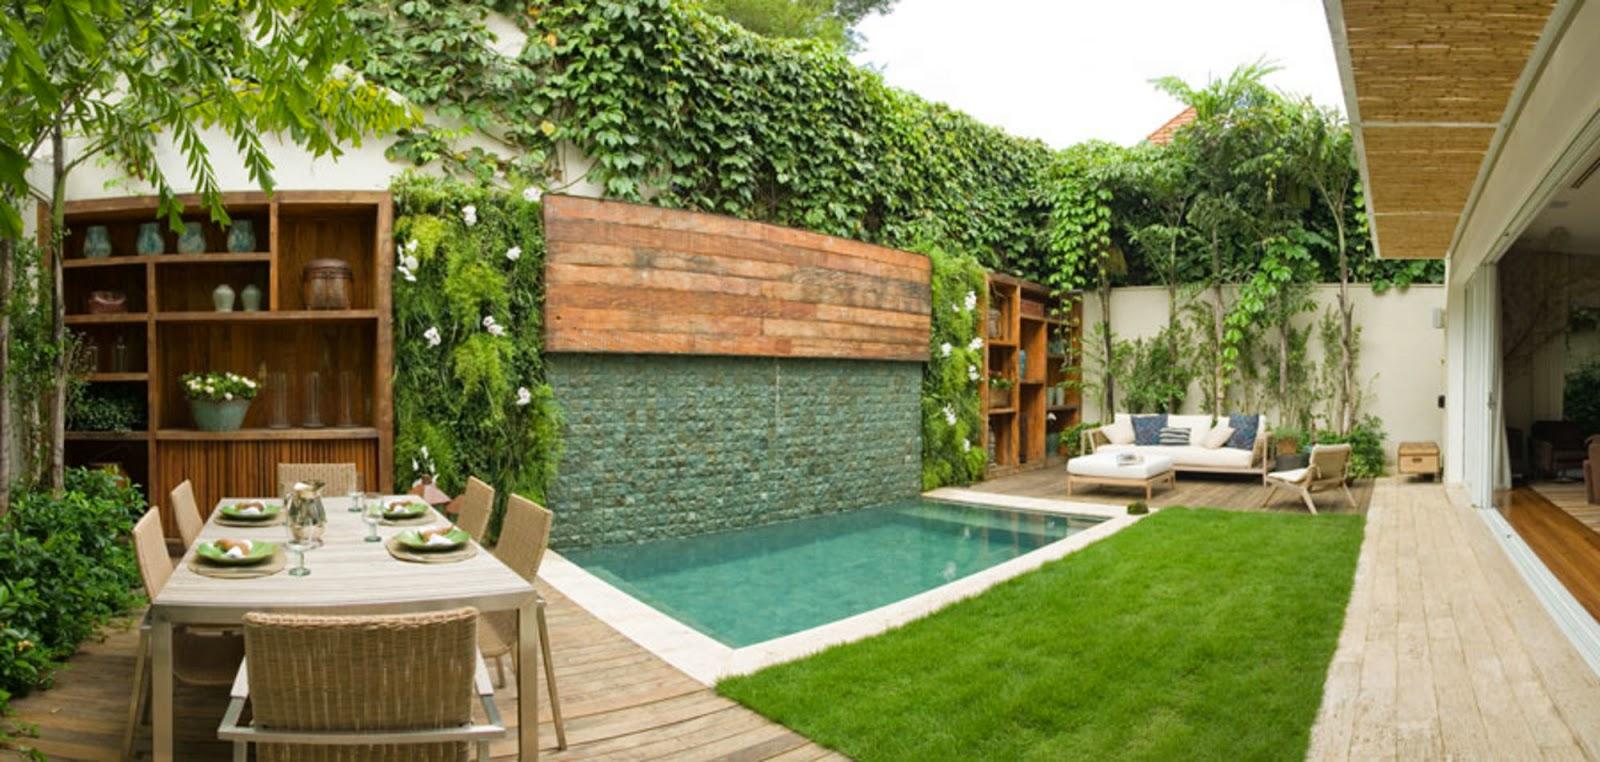 Rea de lazer pequena 60 projetos modelos e fotos for Modelos jardines para casas pequenas